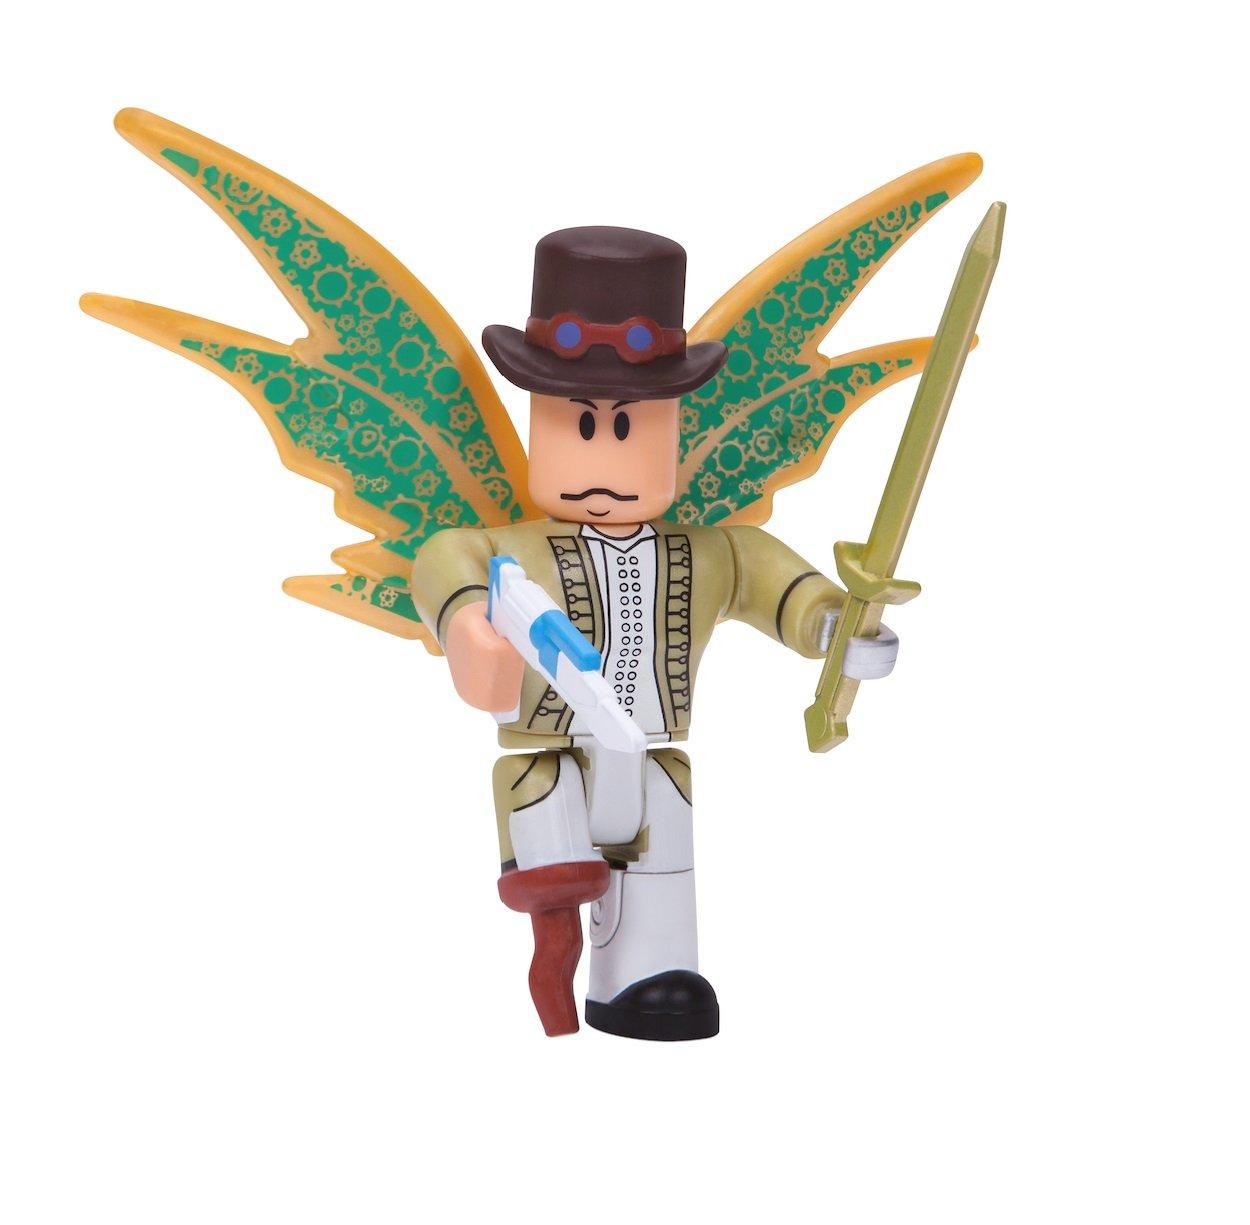 Juguete figura Roblox personaje  muñeco